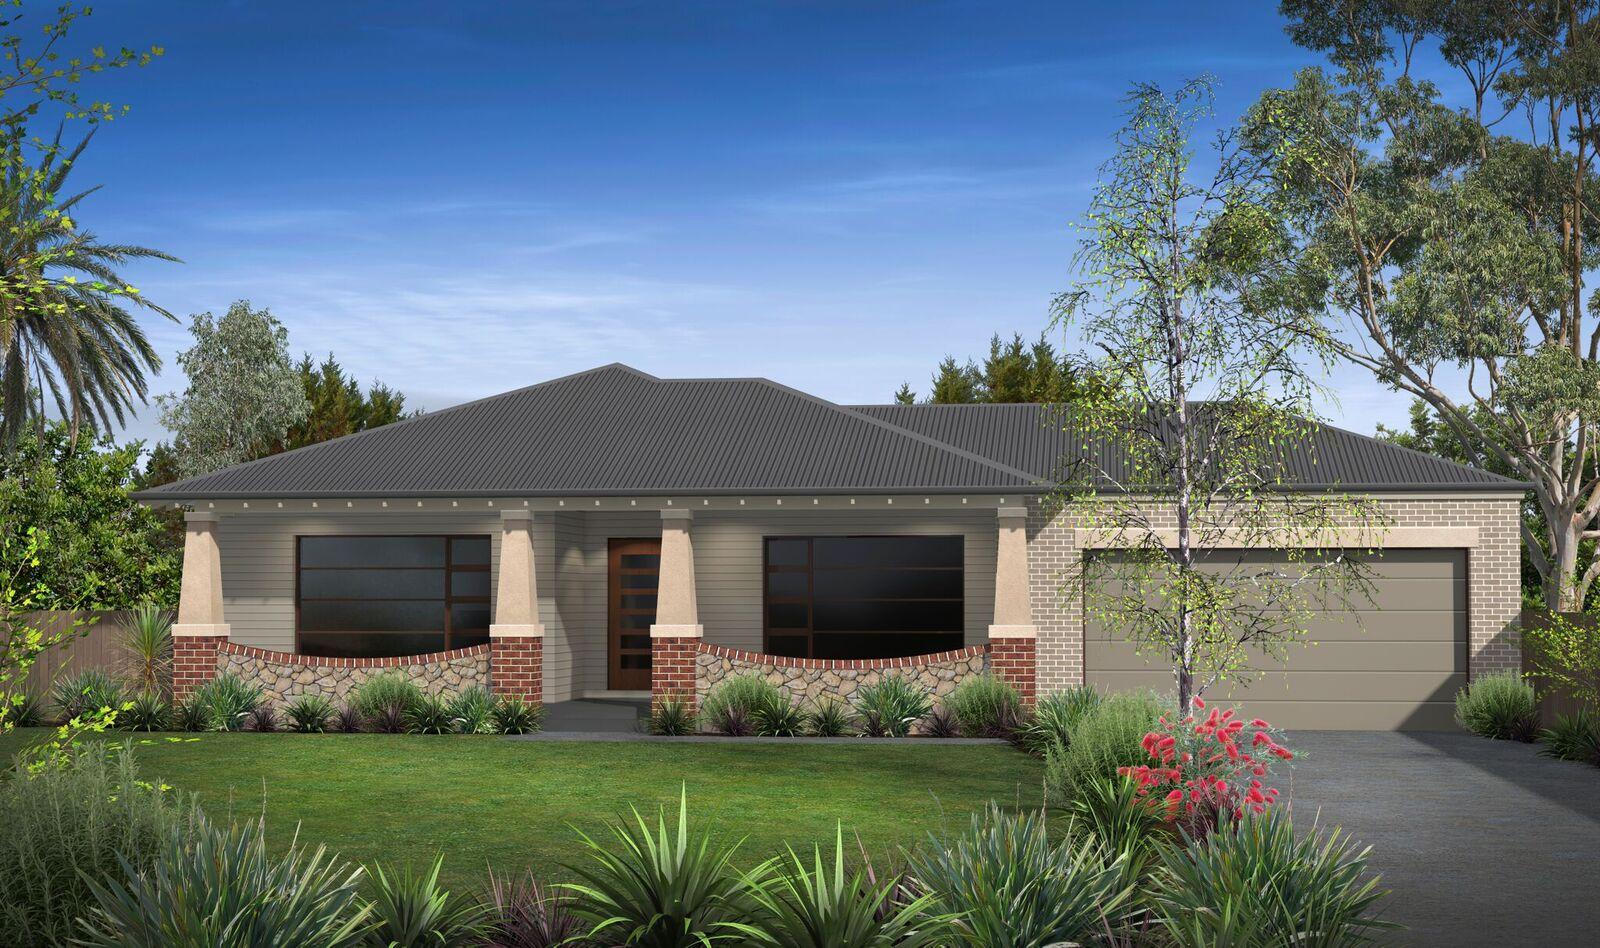 newland-bungalow-facade